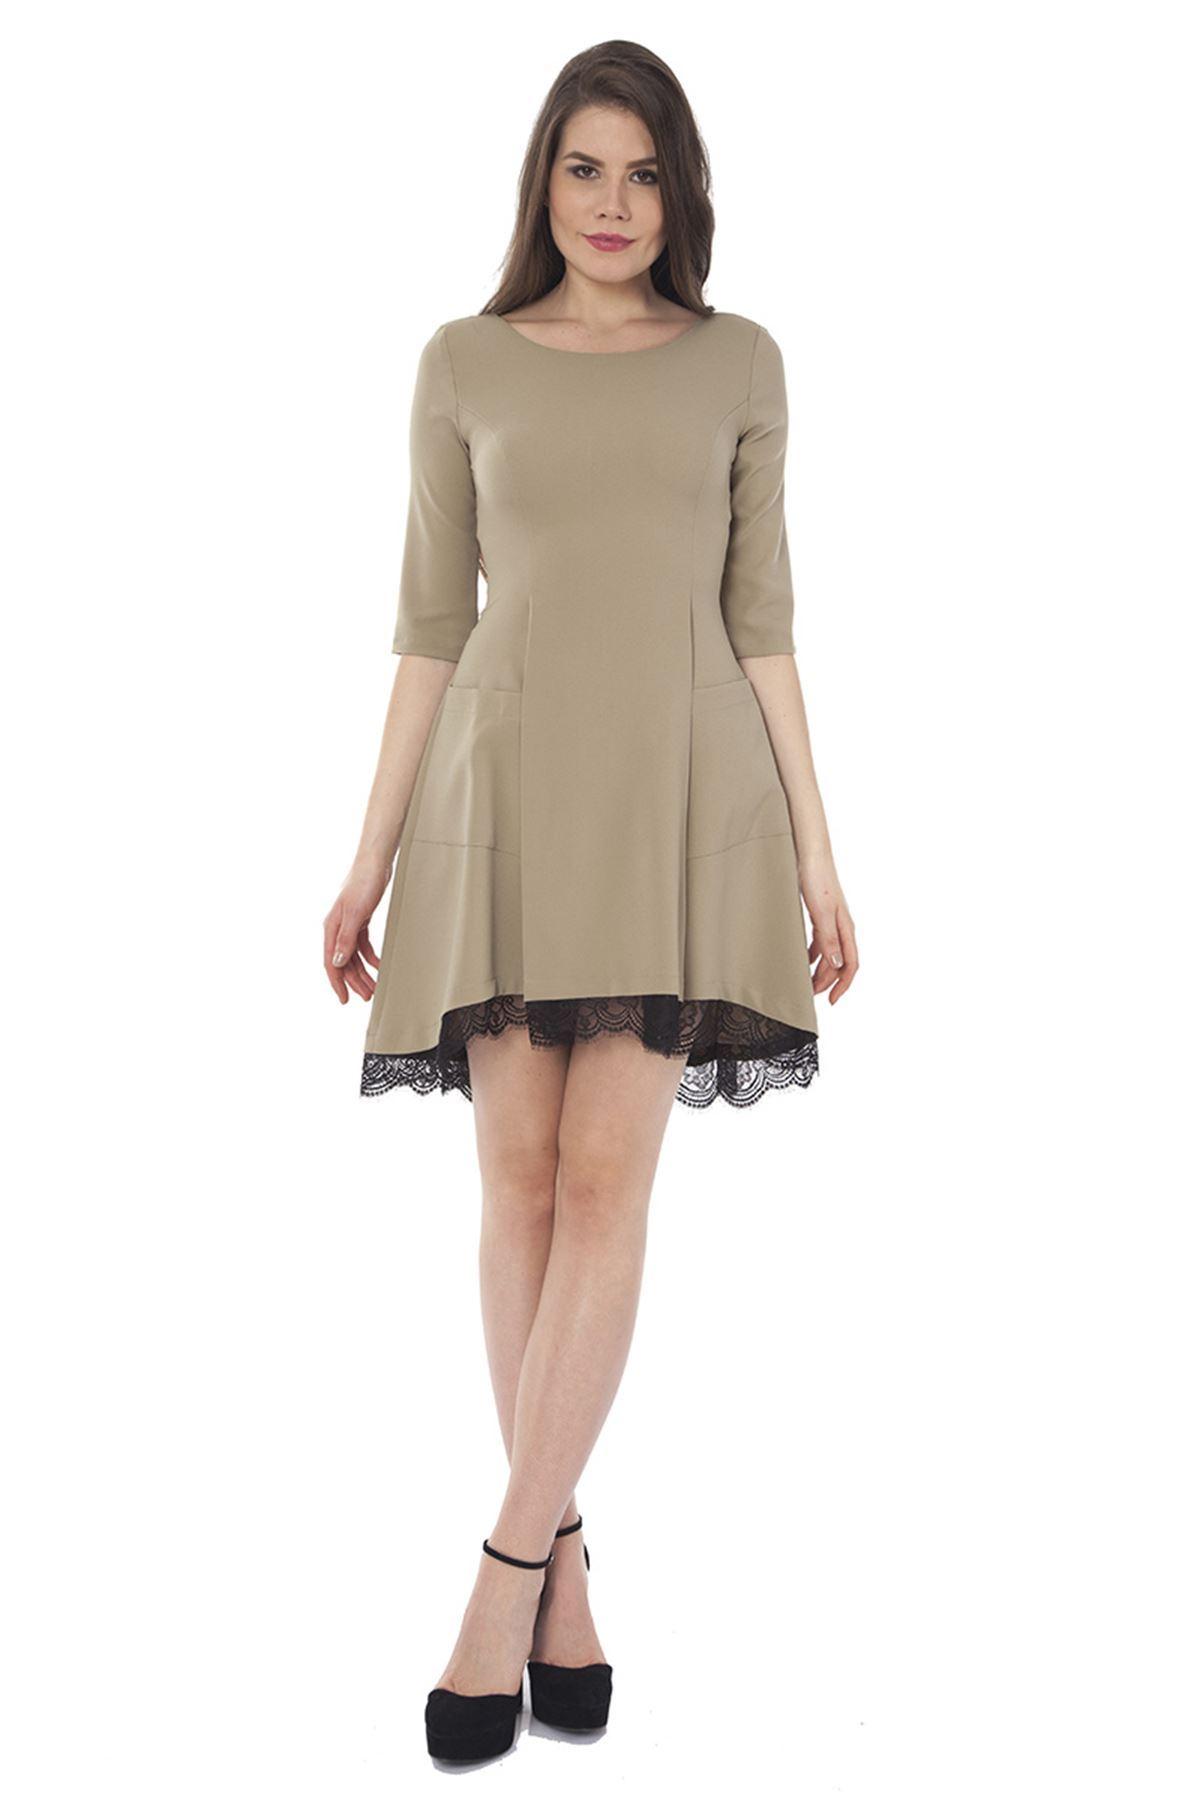 Haki Dantel Detaylı Kadın Elbise G5-121899